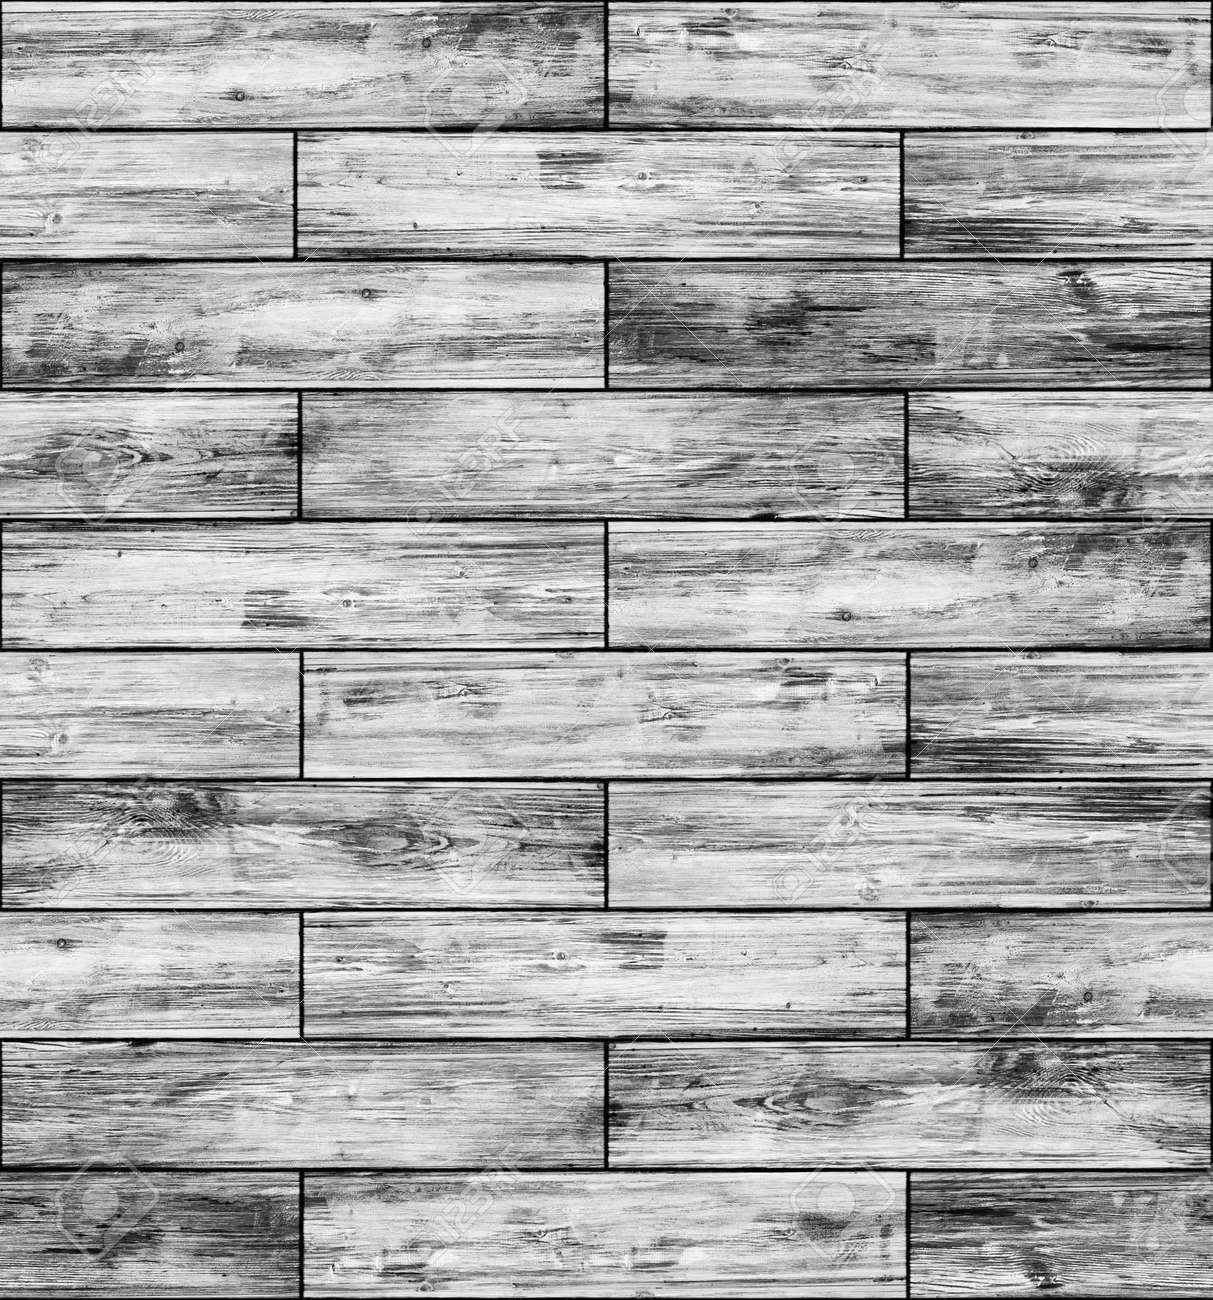 Parkett textur grau  Holz Grau Parkett Nahtlose Textur Lizenzfreie Fotos, Bilder Und ...